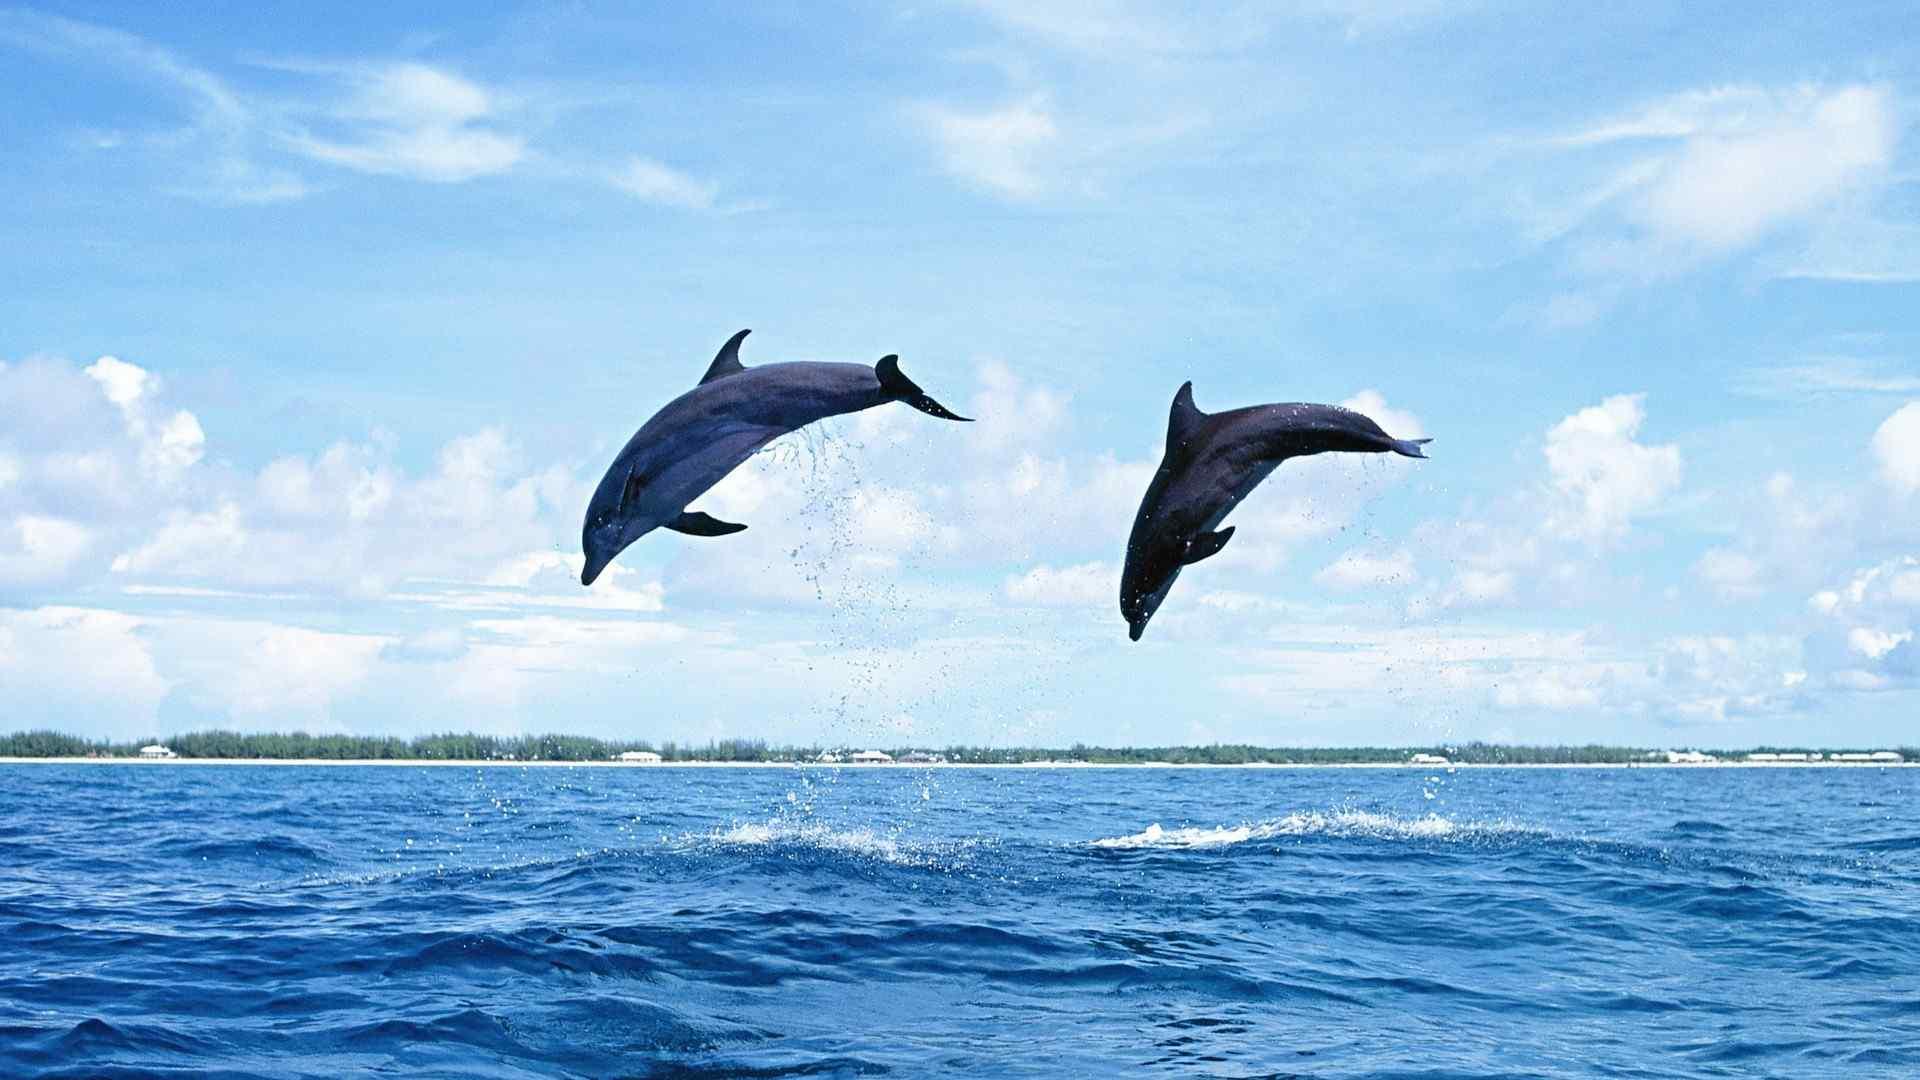 跳躍的海豚高清壁紙 藍色海豚圖(tu)ji)可愛海豚桌(zhuo)面壁紙